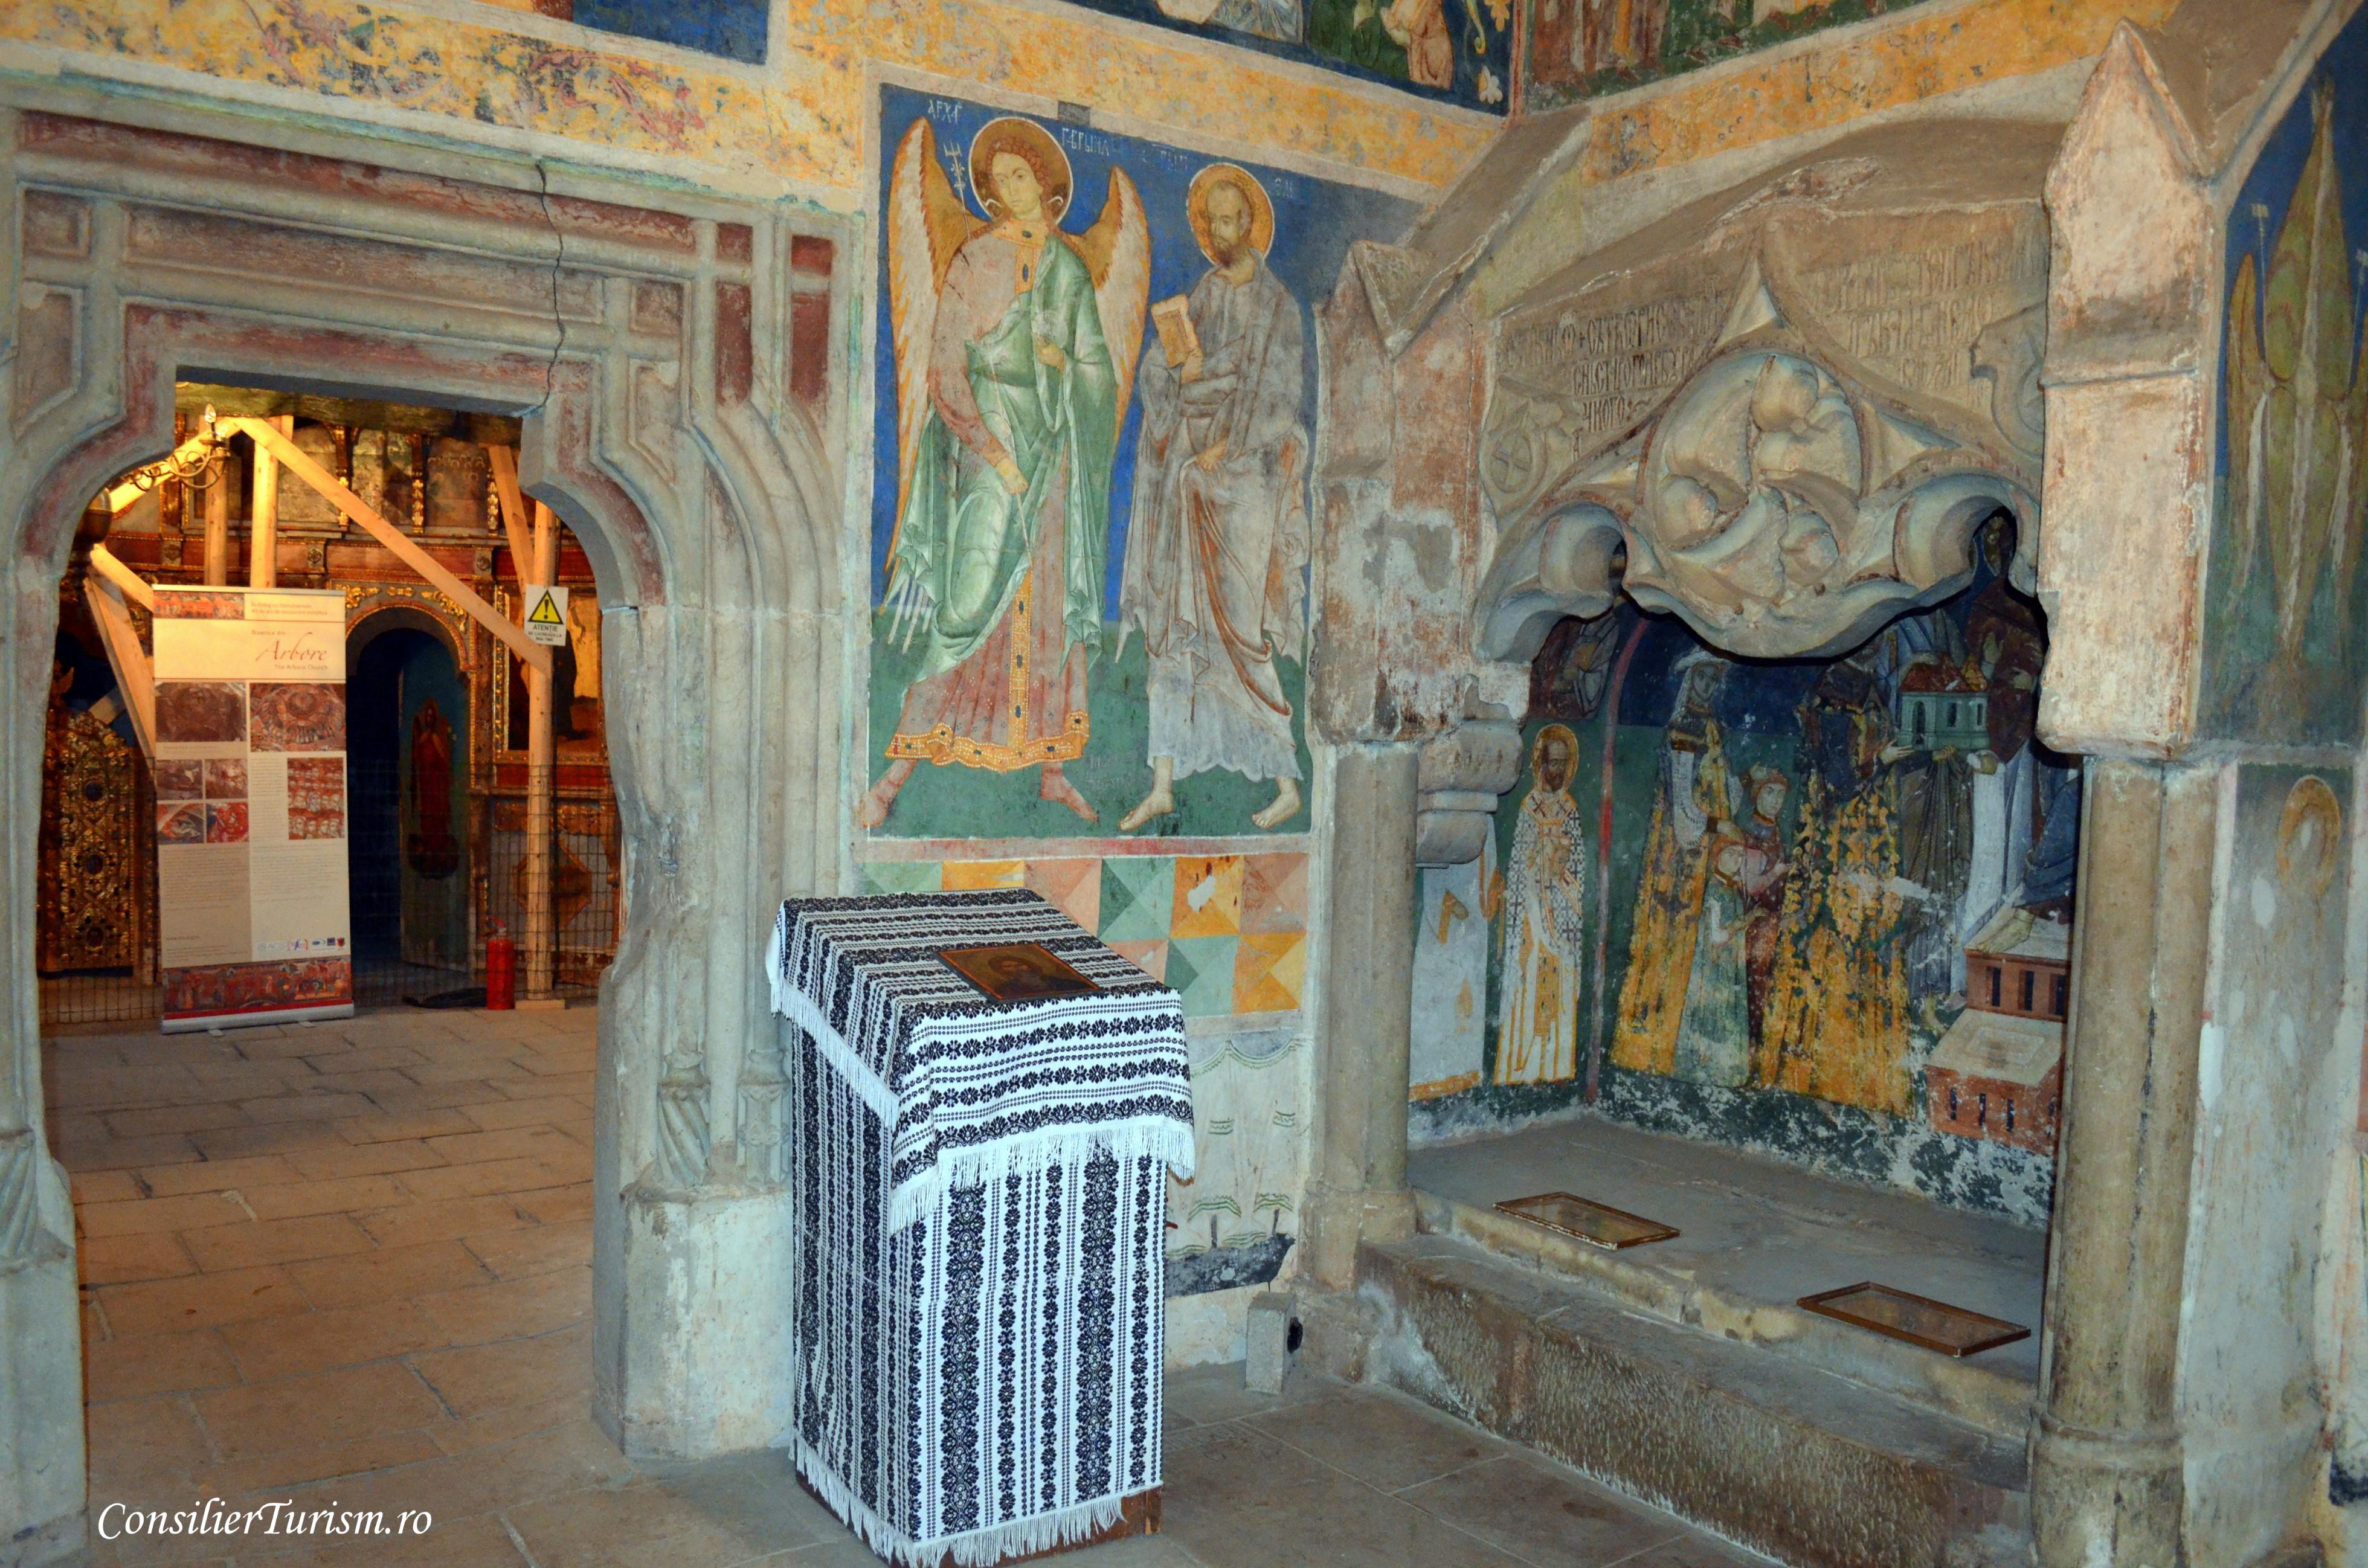 manastirea arbore interior